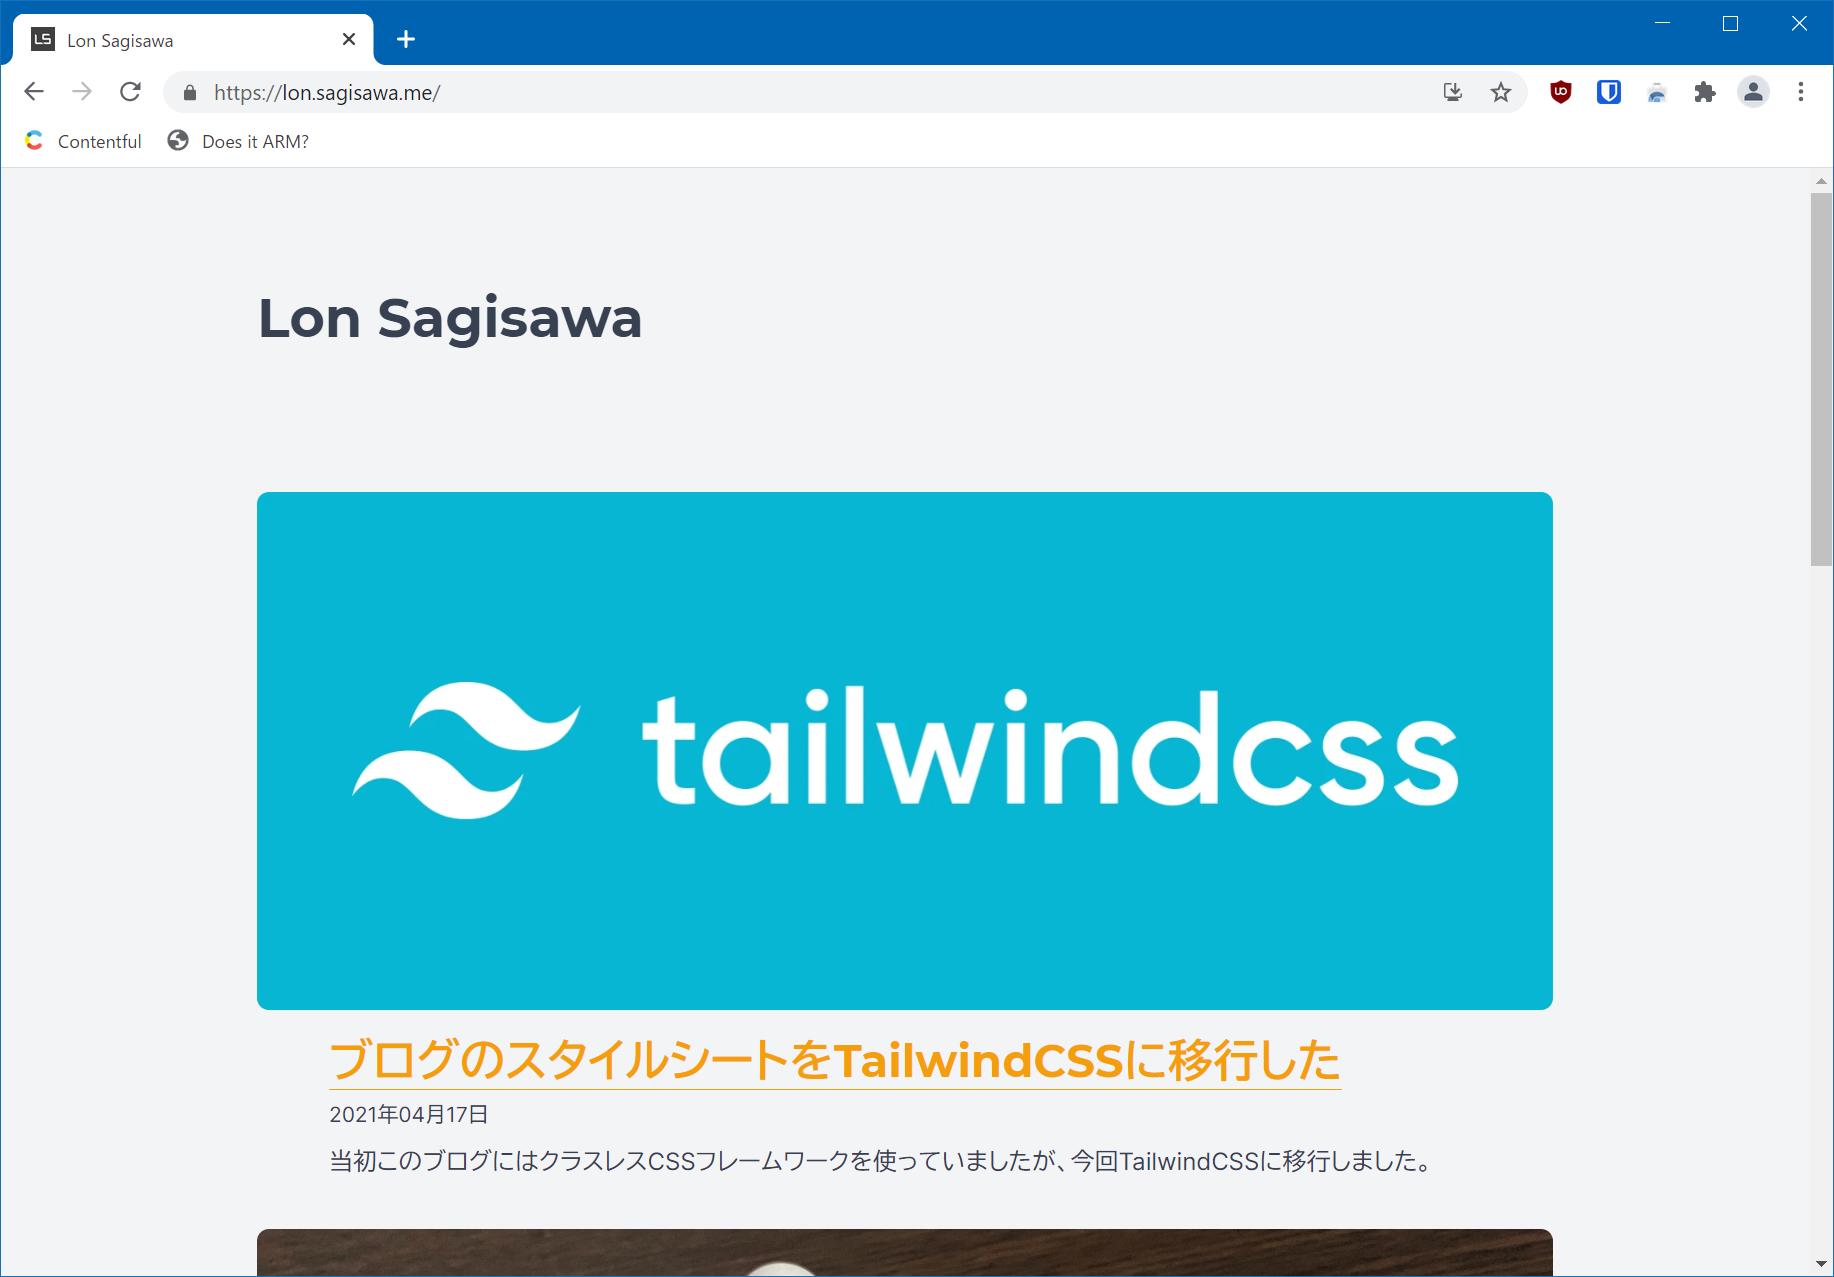 019 Lon Sagisawa - Chromium